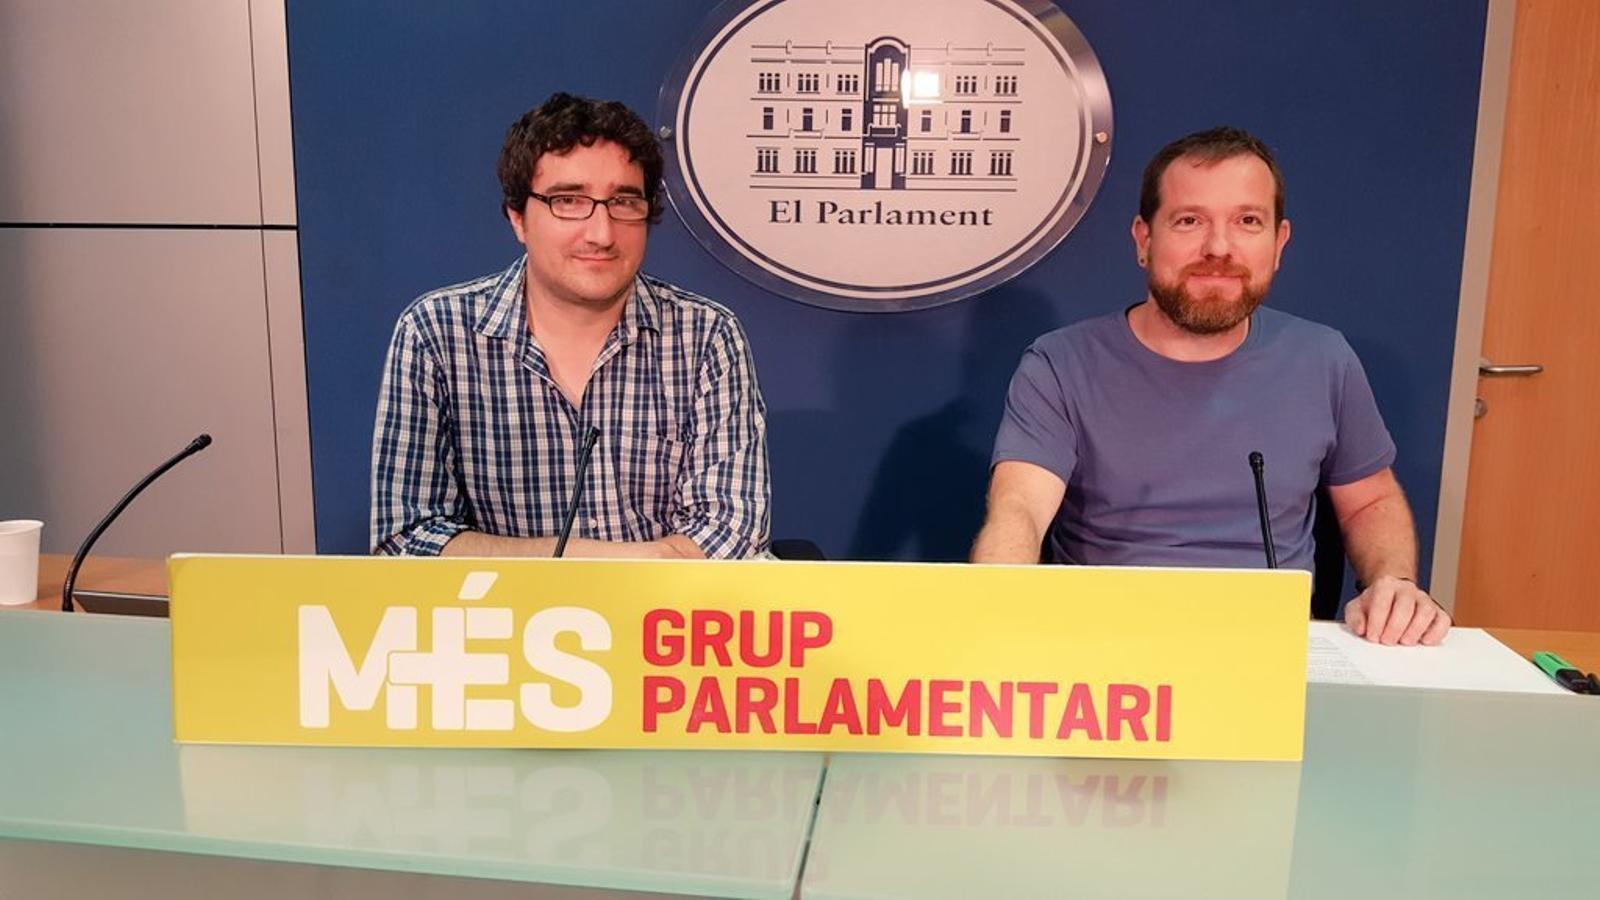 Biel Barceló, David Abril i Antoni Reus desapareixen de les llistes de Més